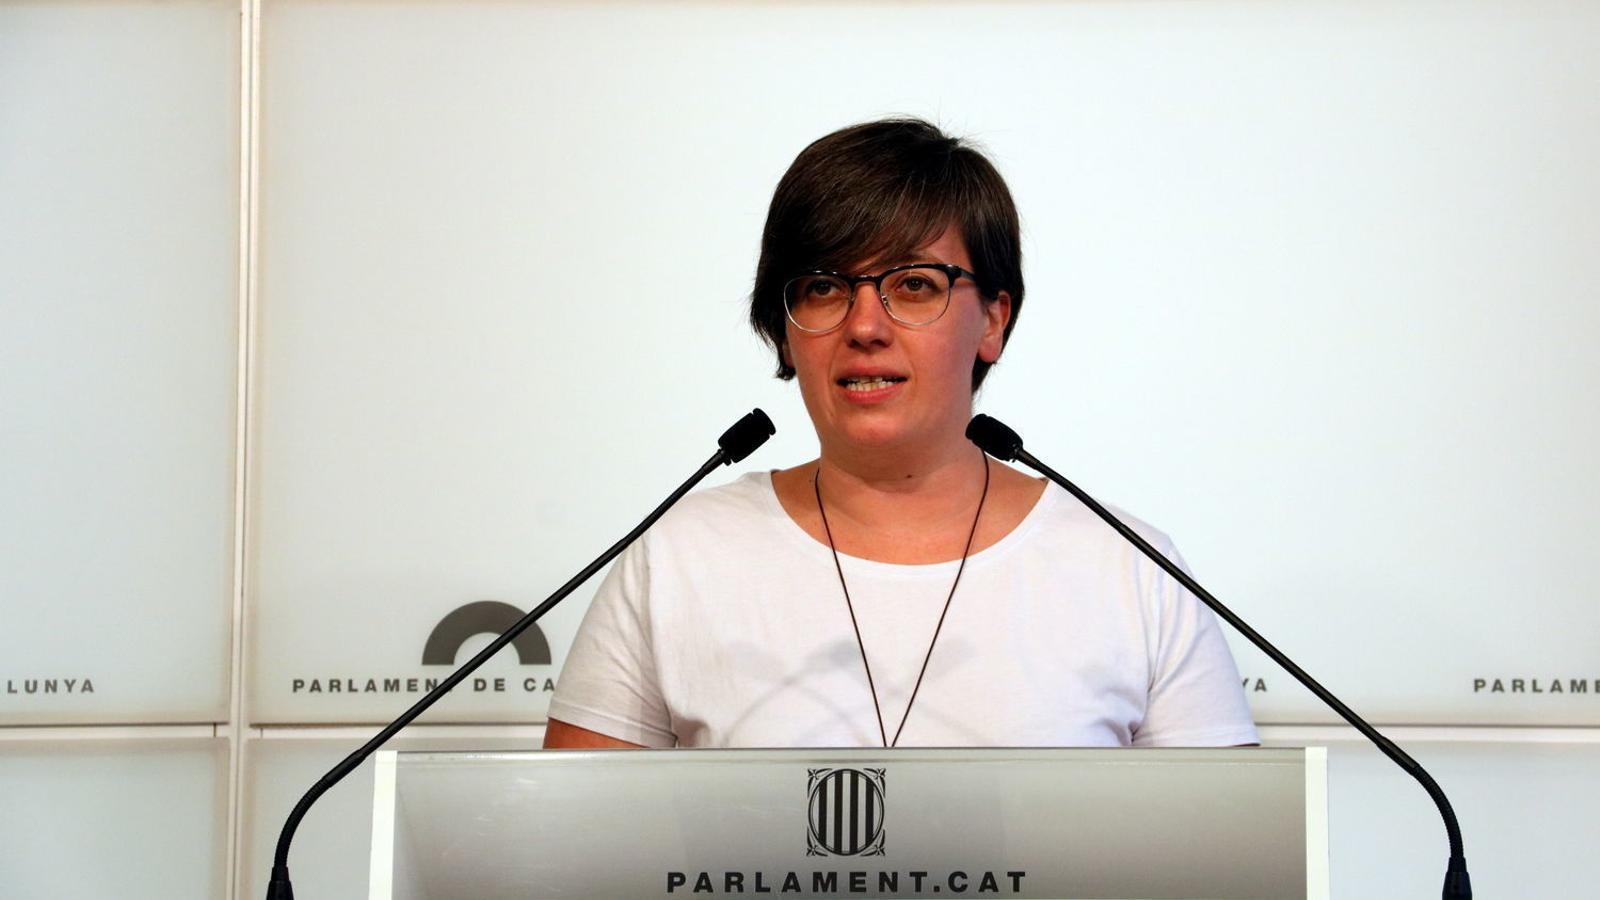 La presidenta del grup parlamentari de la CUP, Mireia Boya